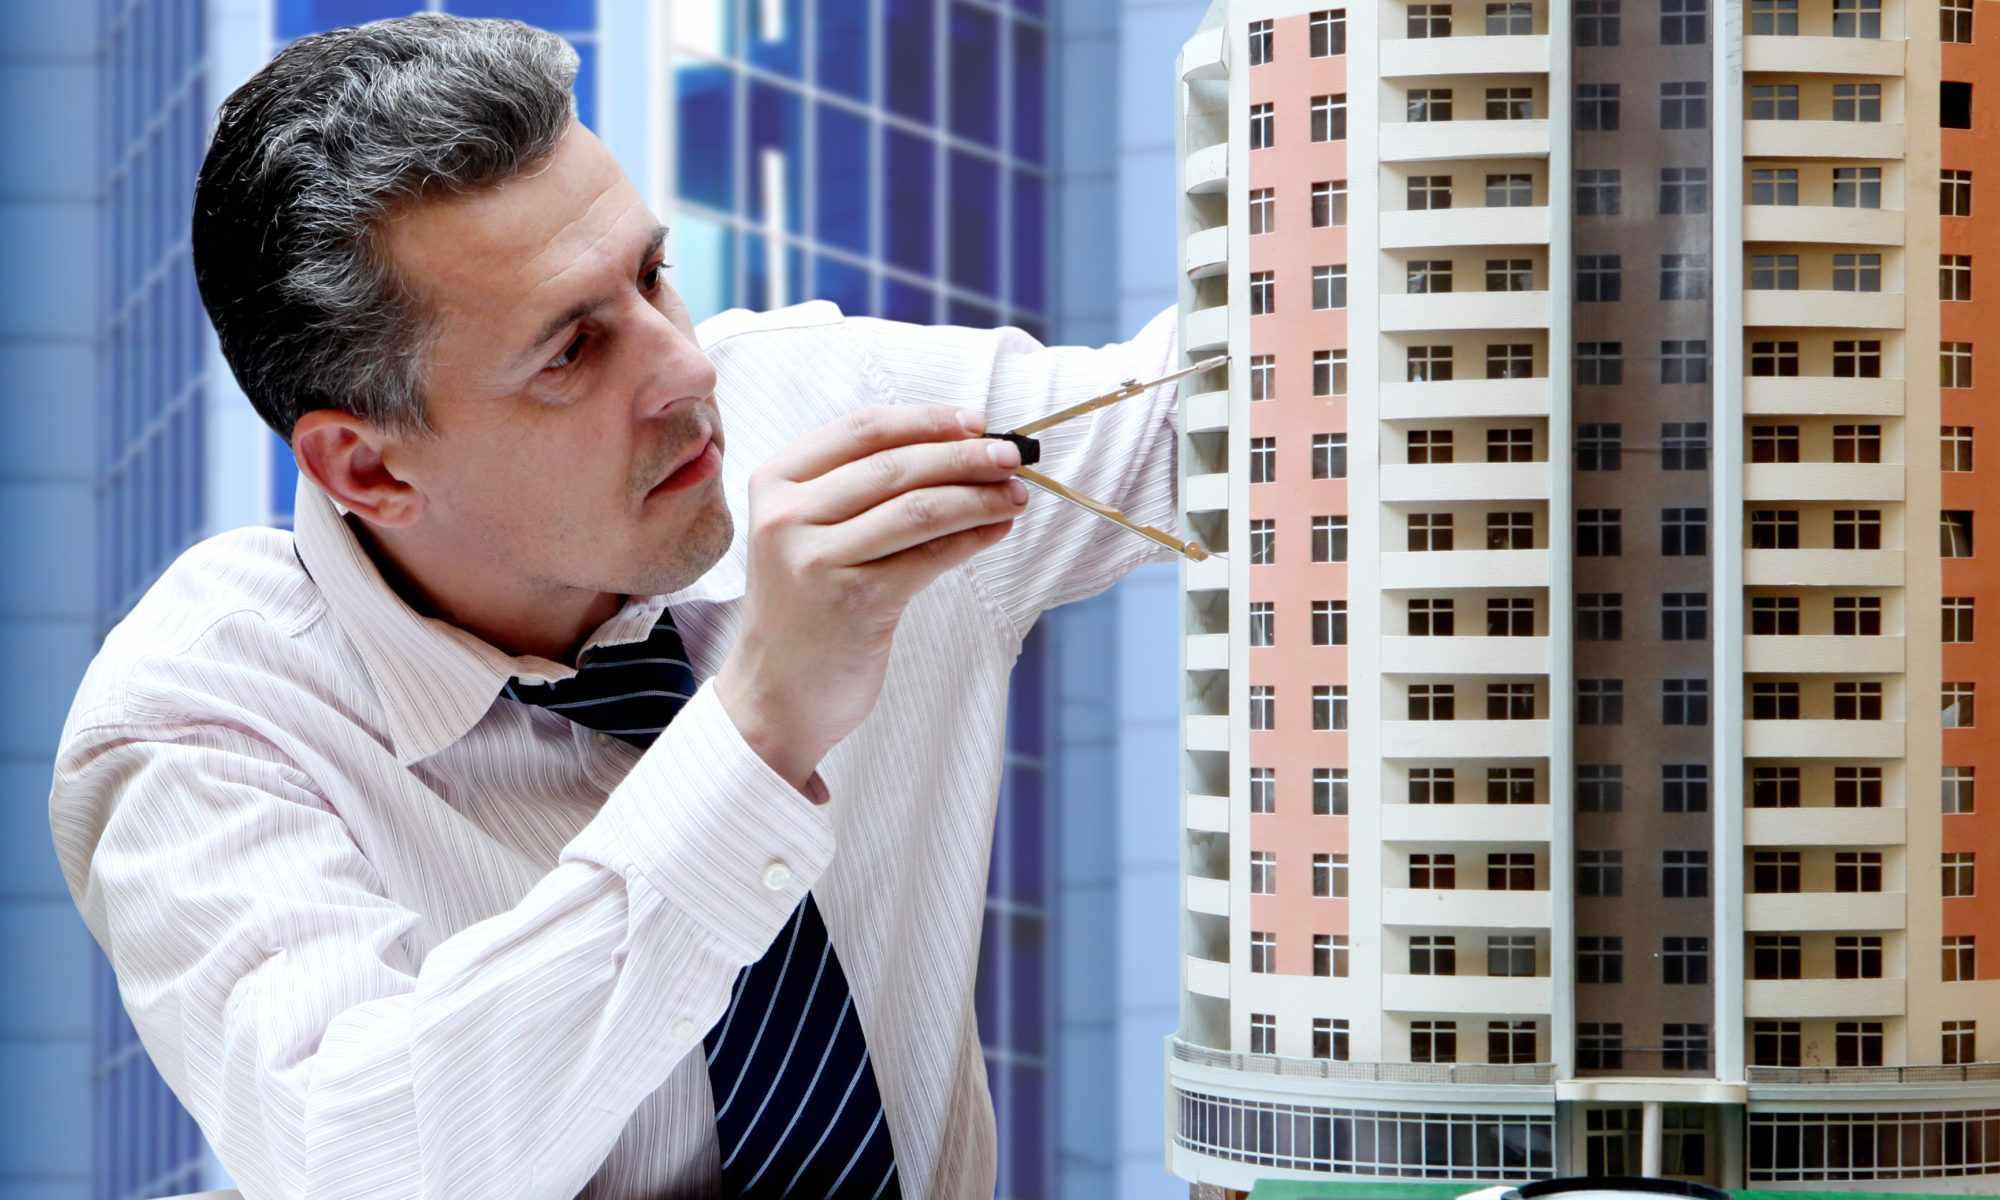 Архите́ктор — квалифицированный специалист, который на профессиональной основе осуществляет архитектурное проектирование